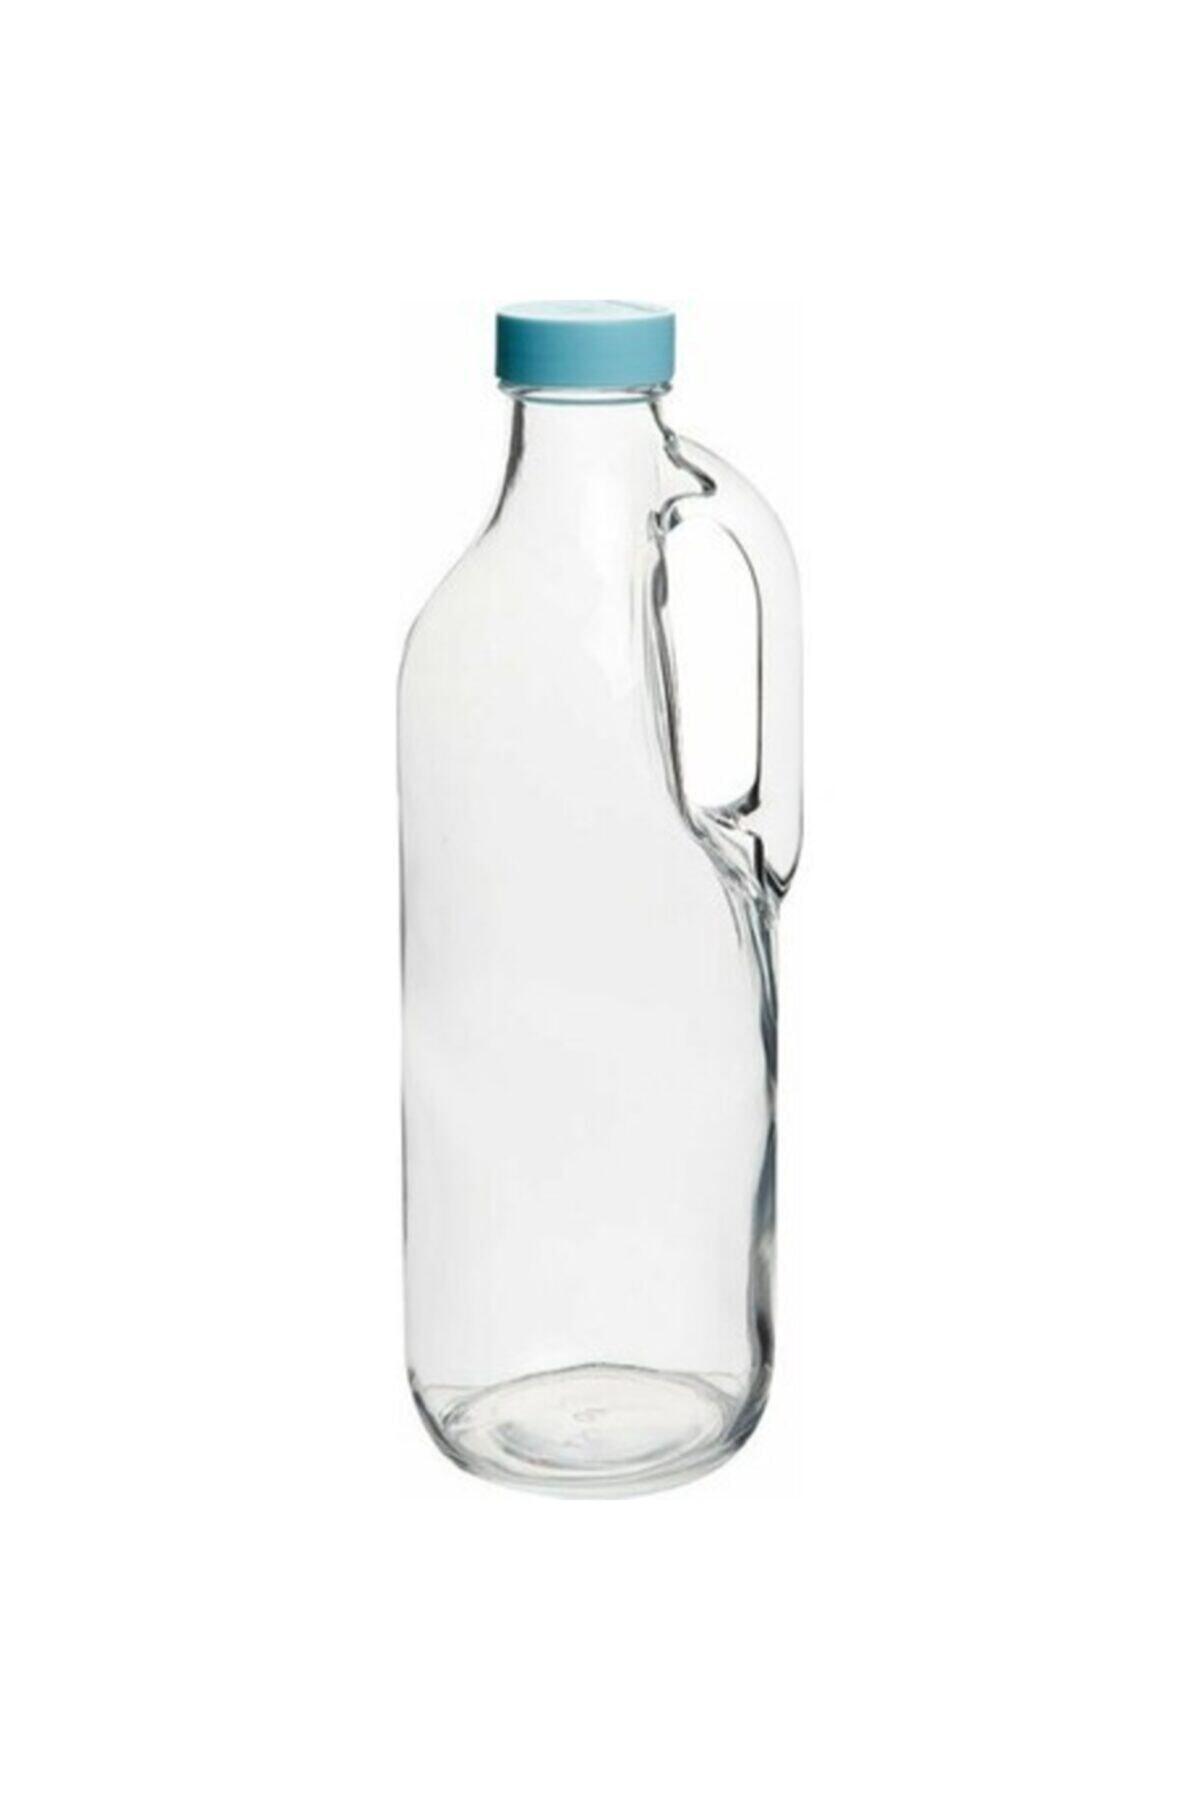 Paşabahçe Vida Kapaklı Kulplu Cam Şişe 1400 Cc Süt Şişesi 80342 1